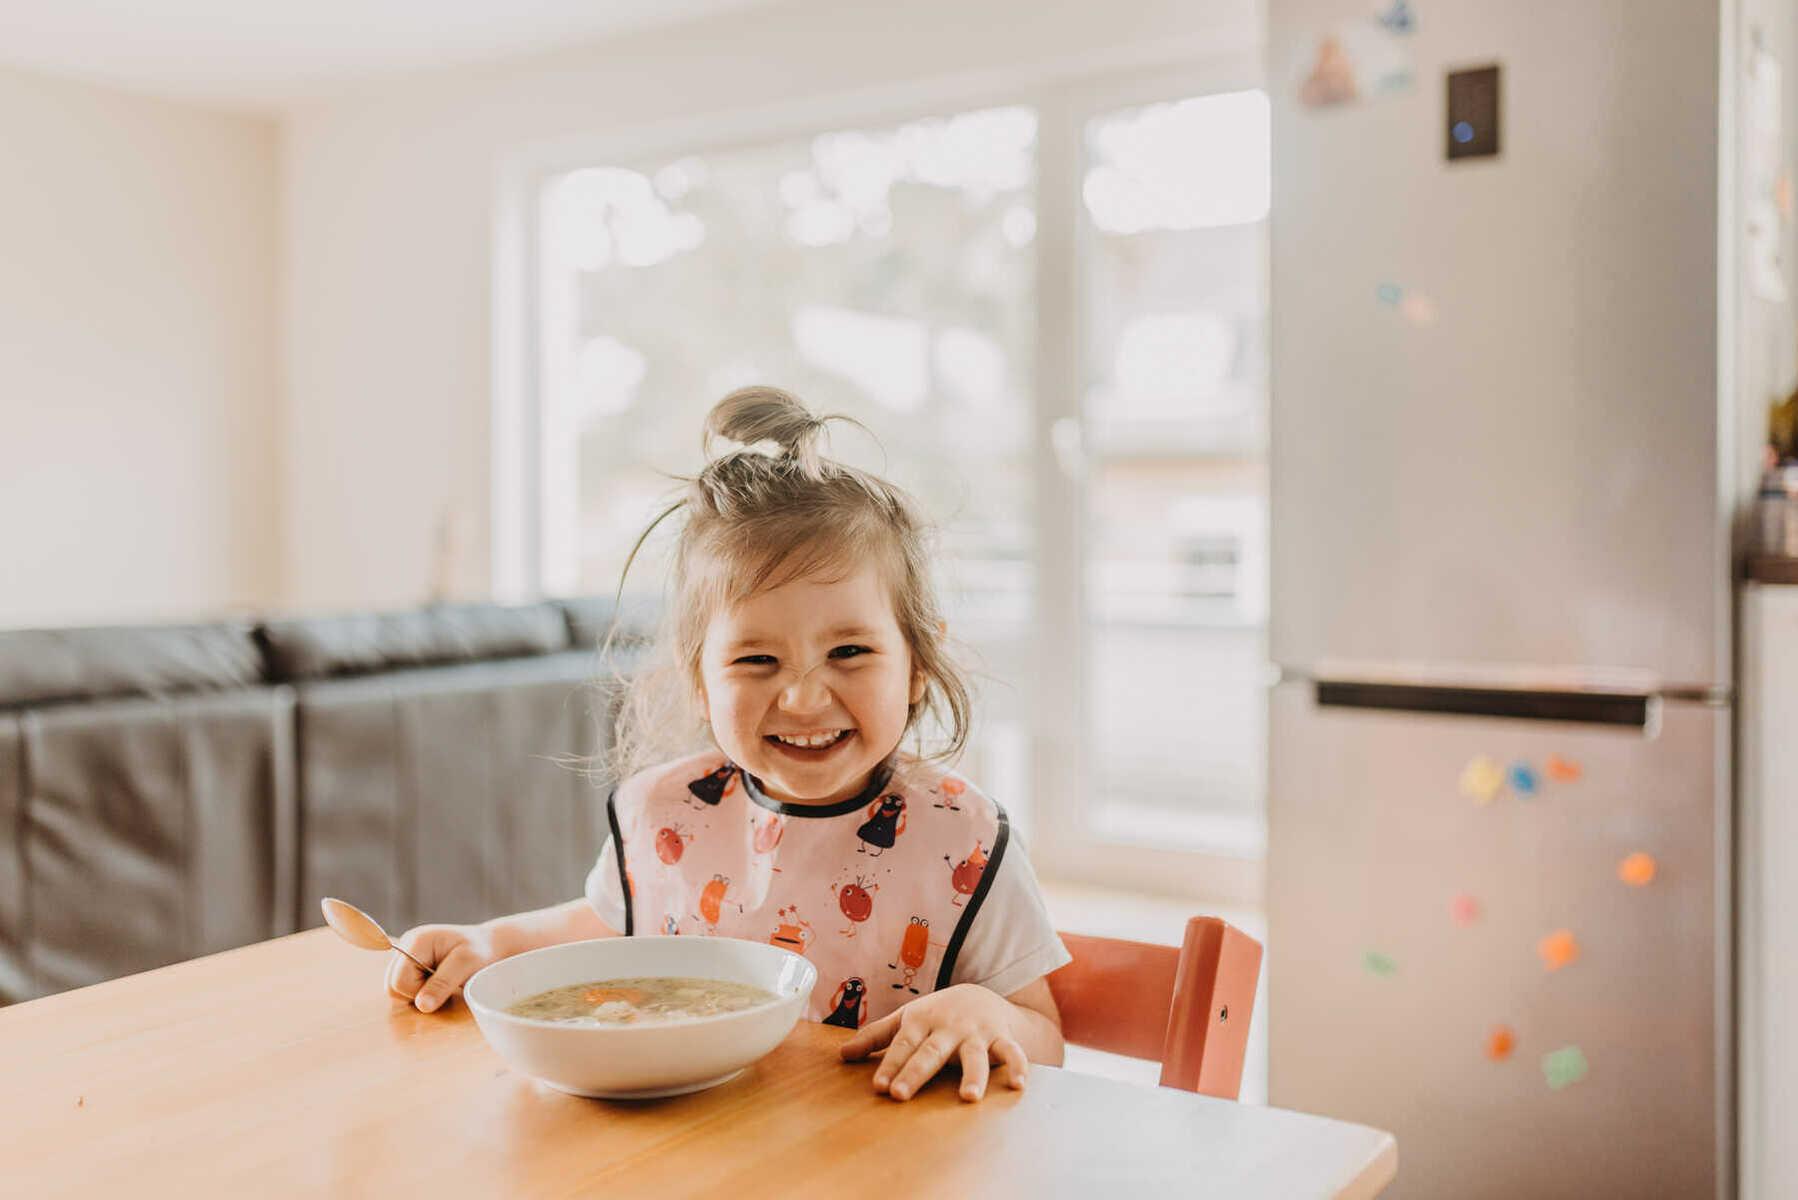 Choco gebeten door gezonde voeding  voor kinderen en jongeren